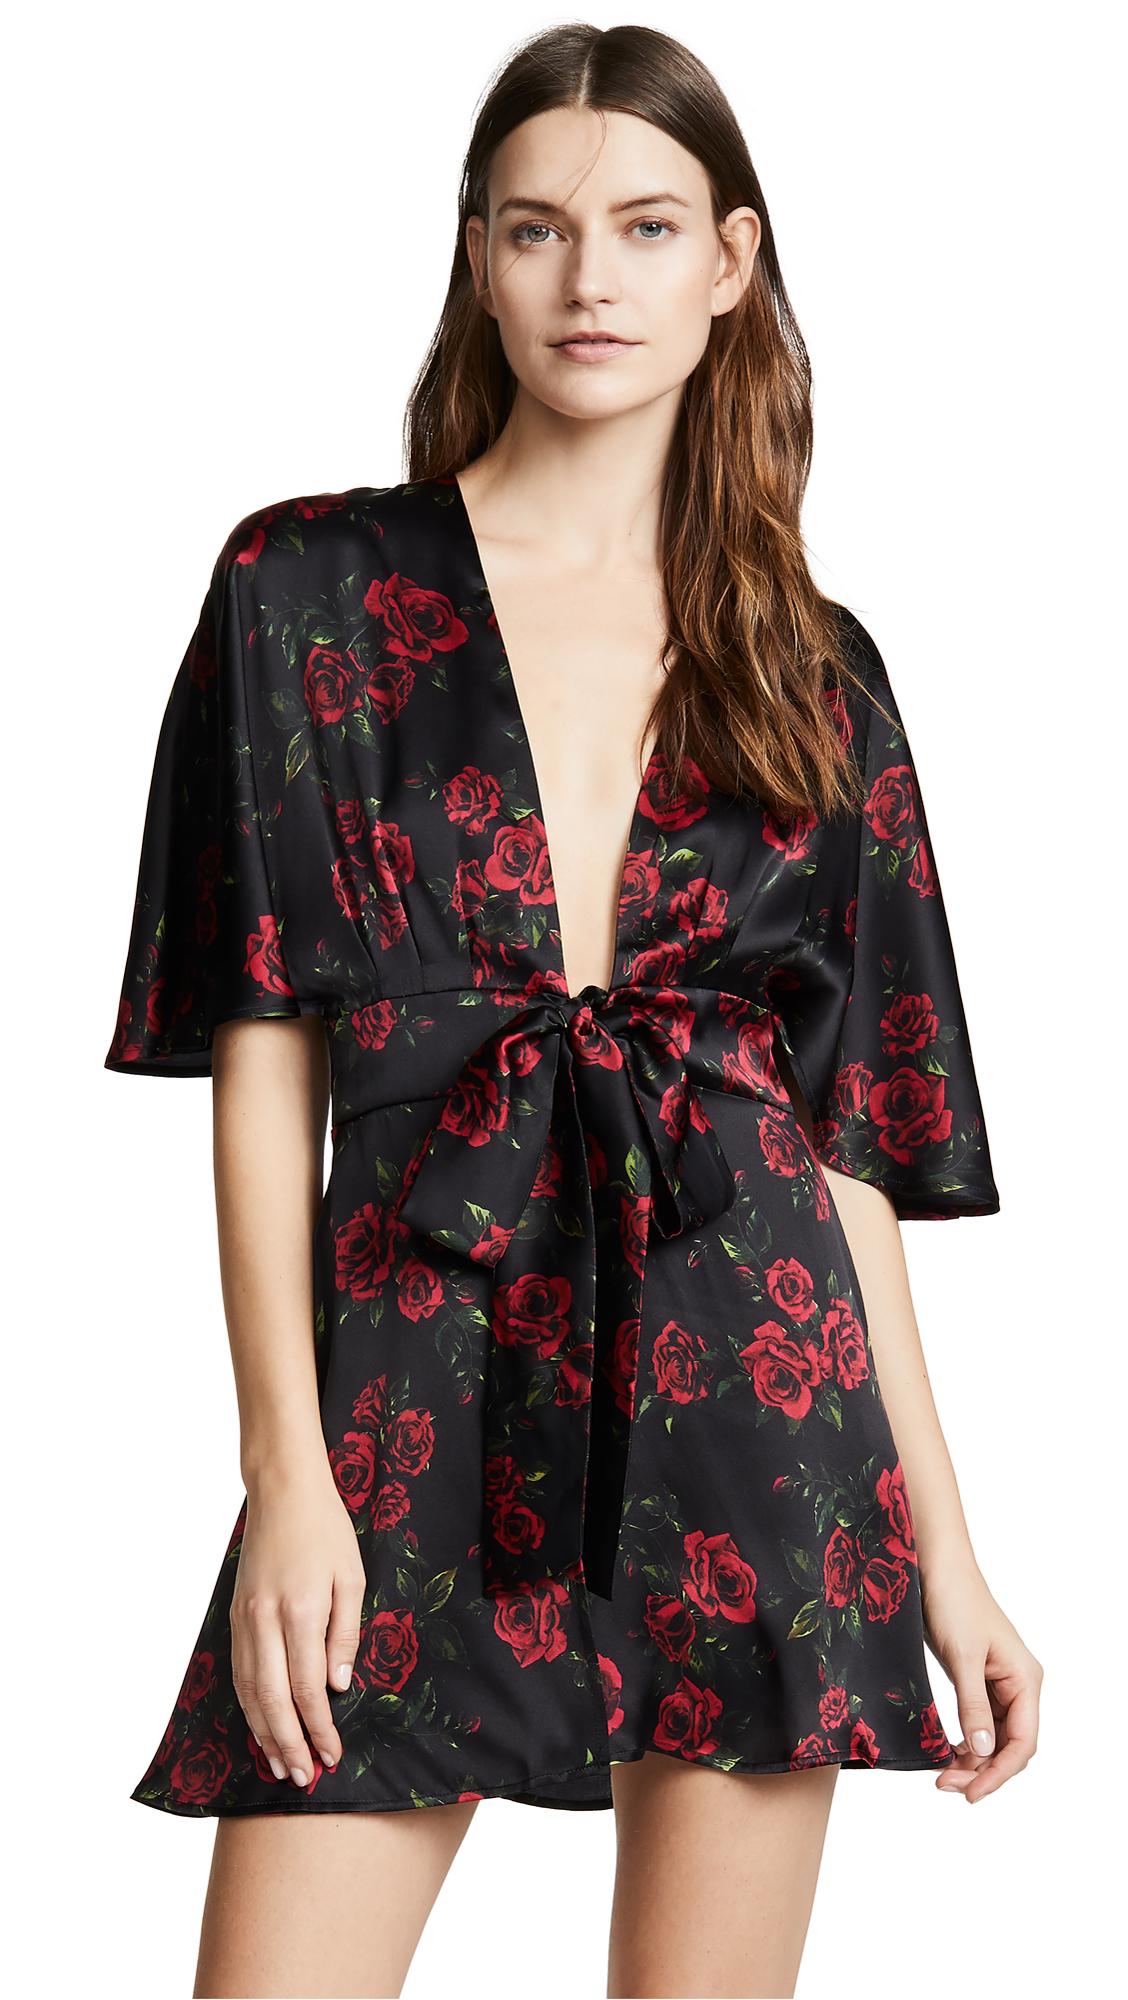 CAMI NYC Lane Dress